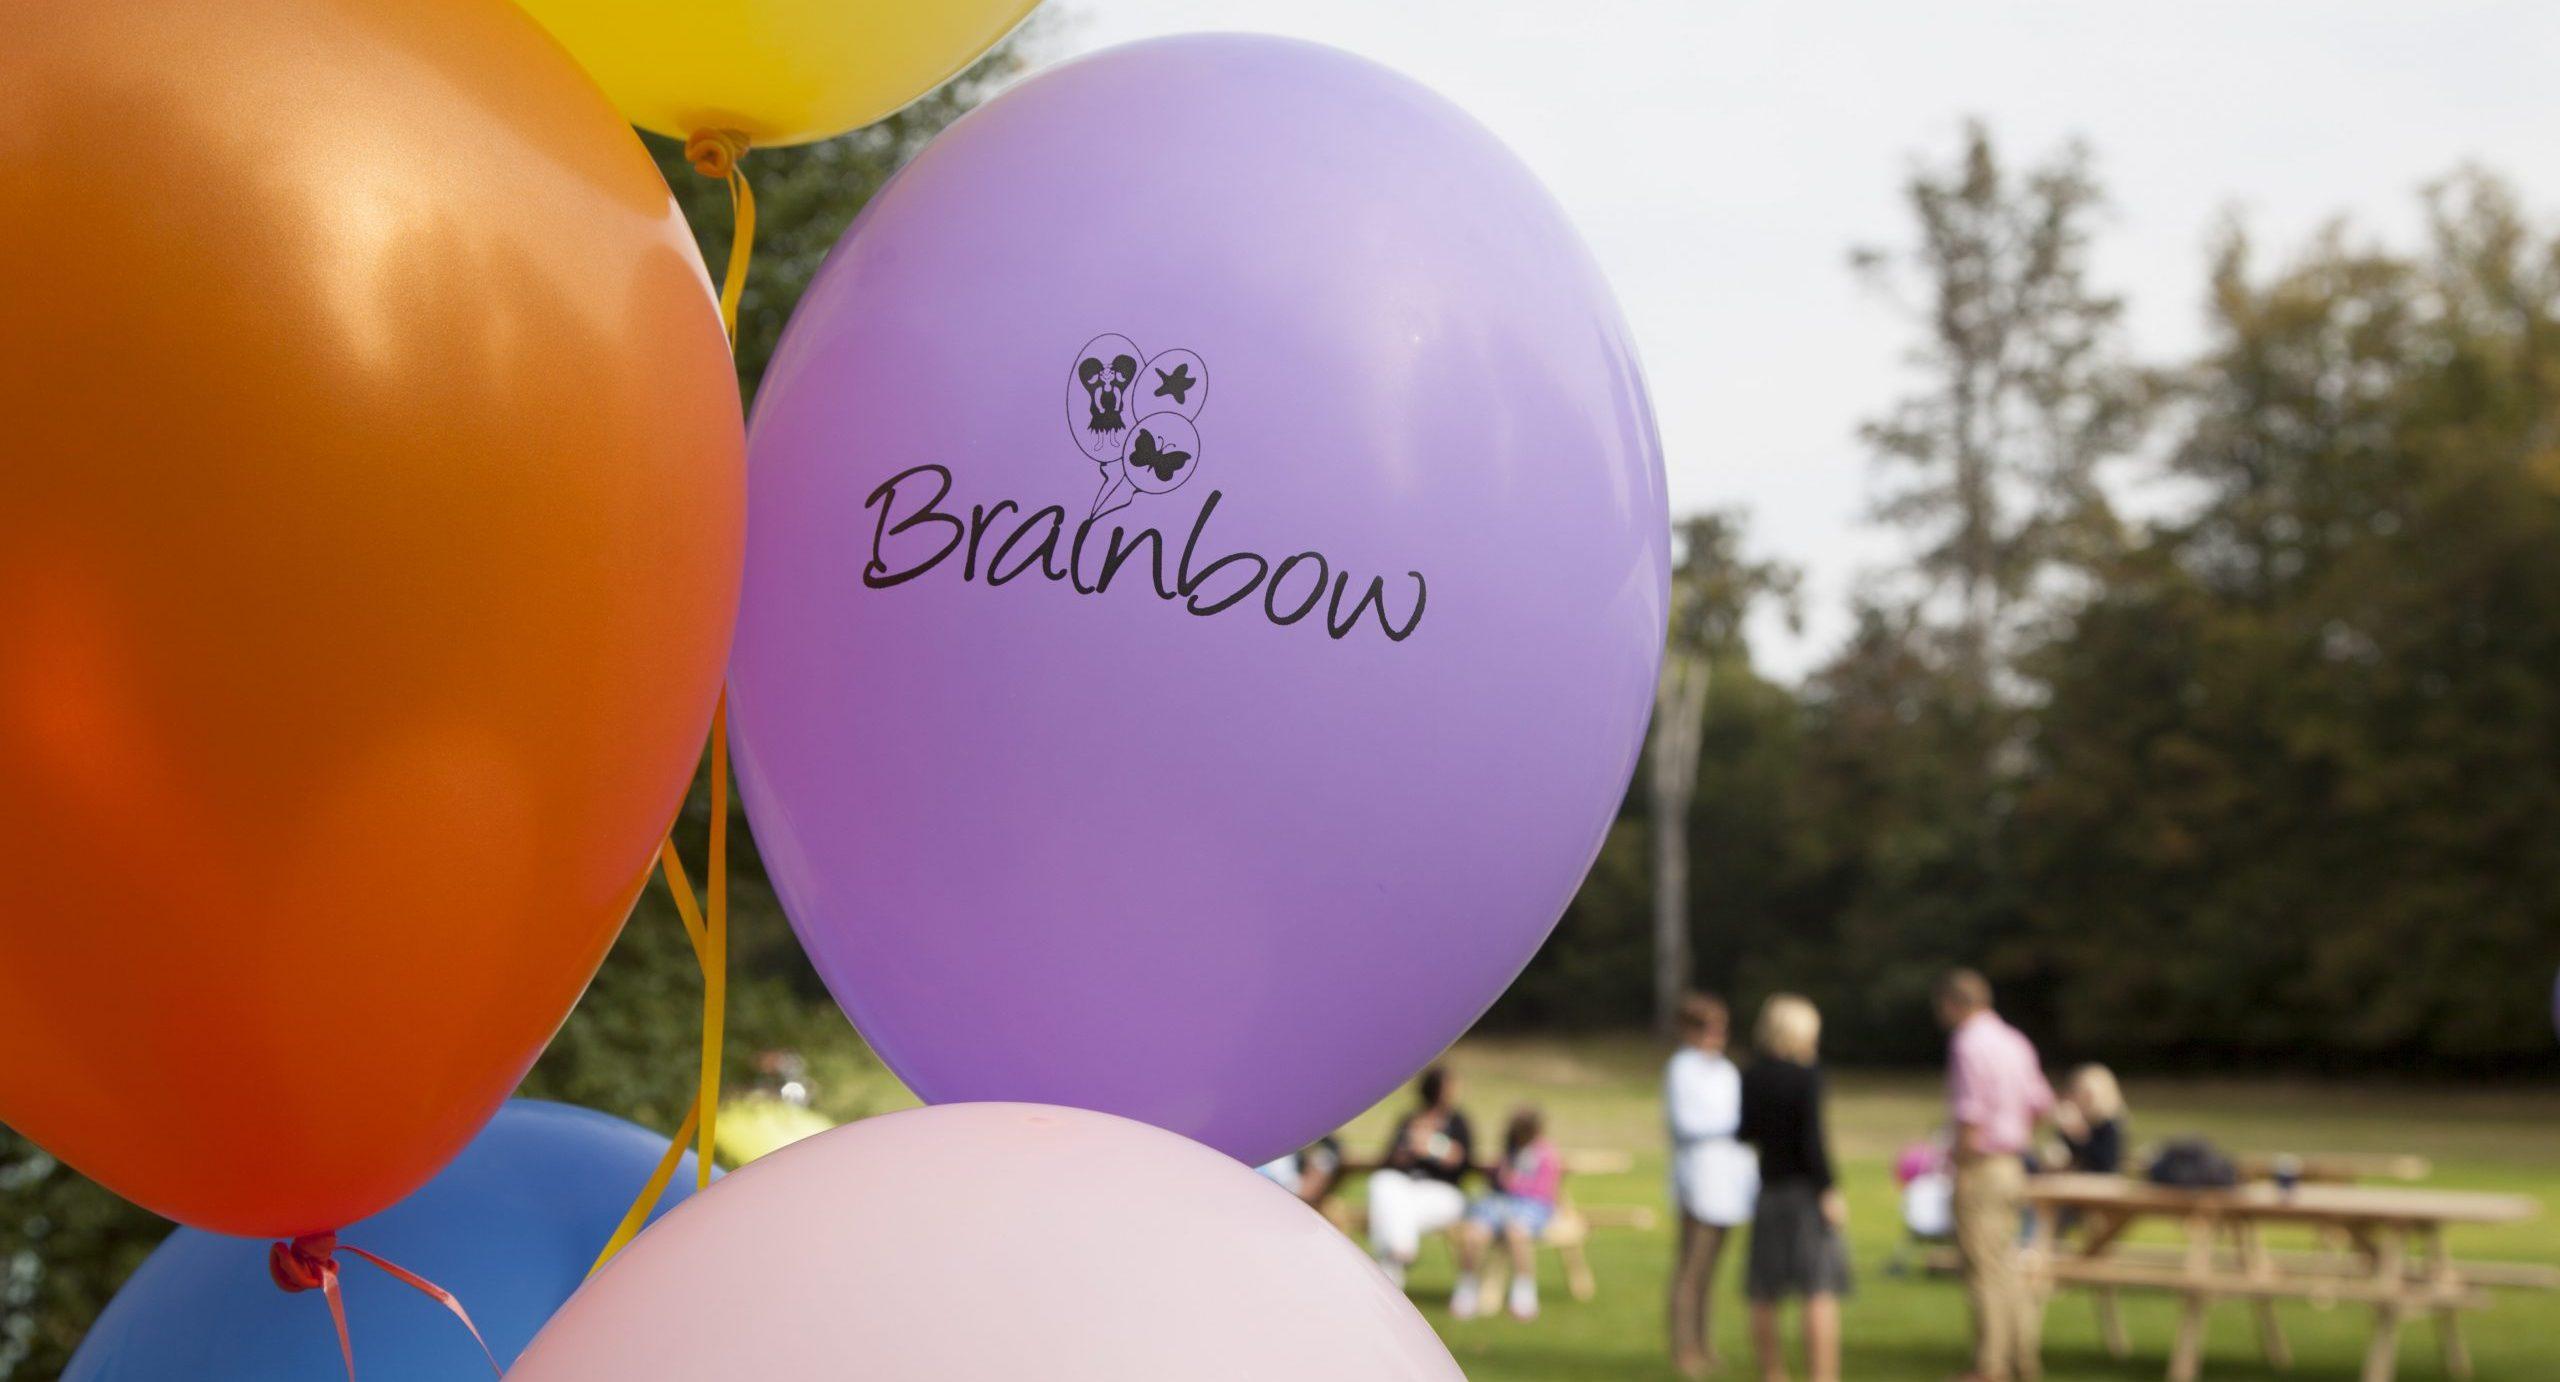 Brainbow balloons